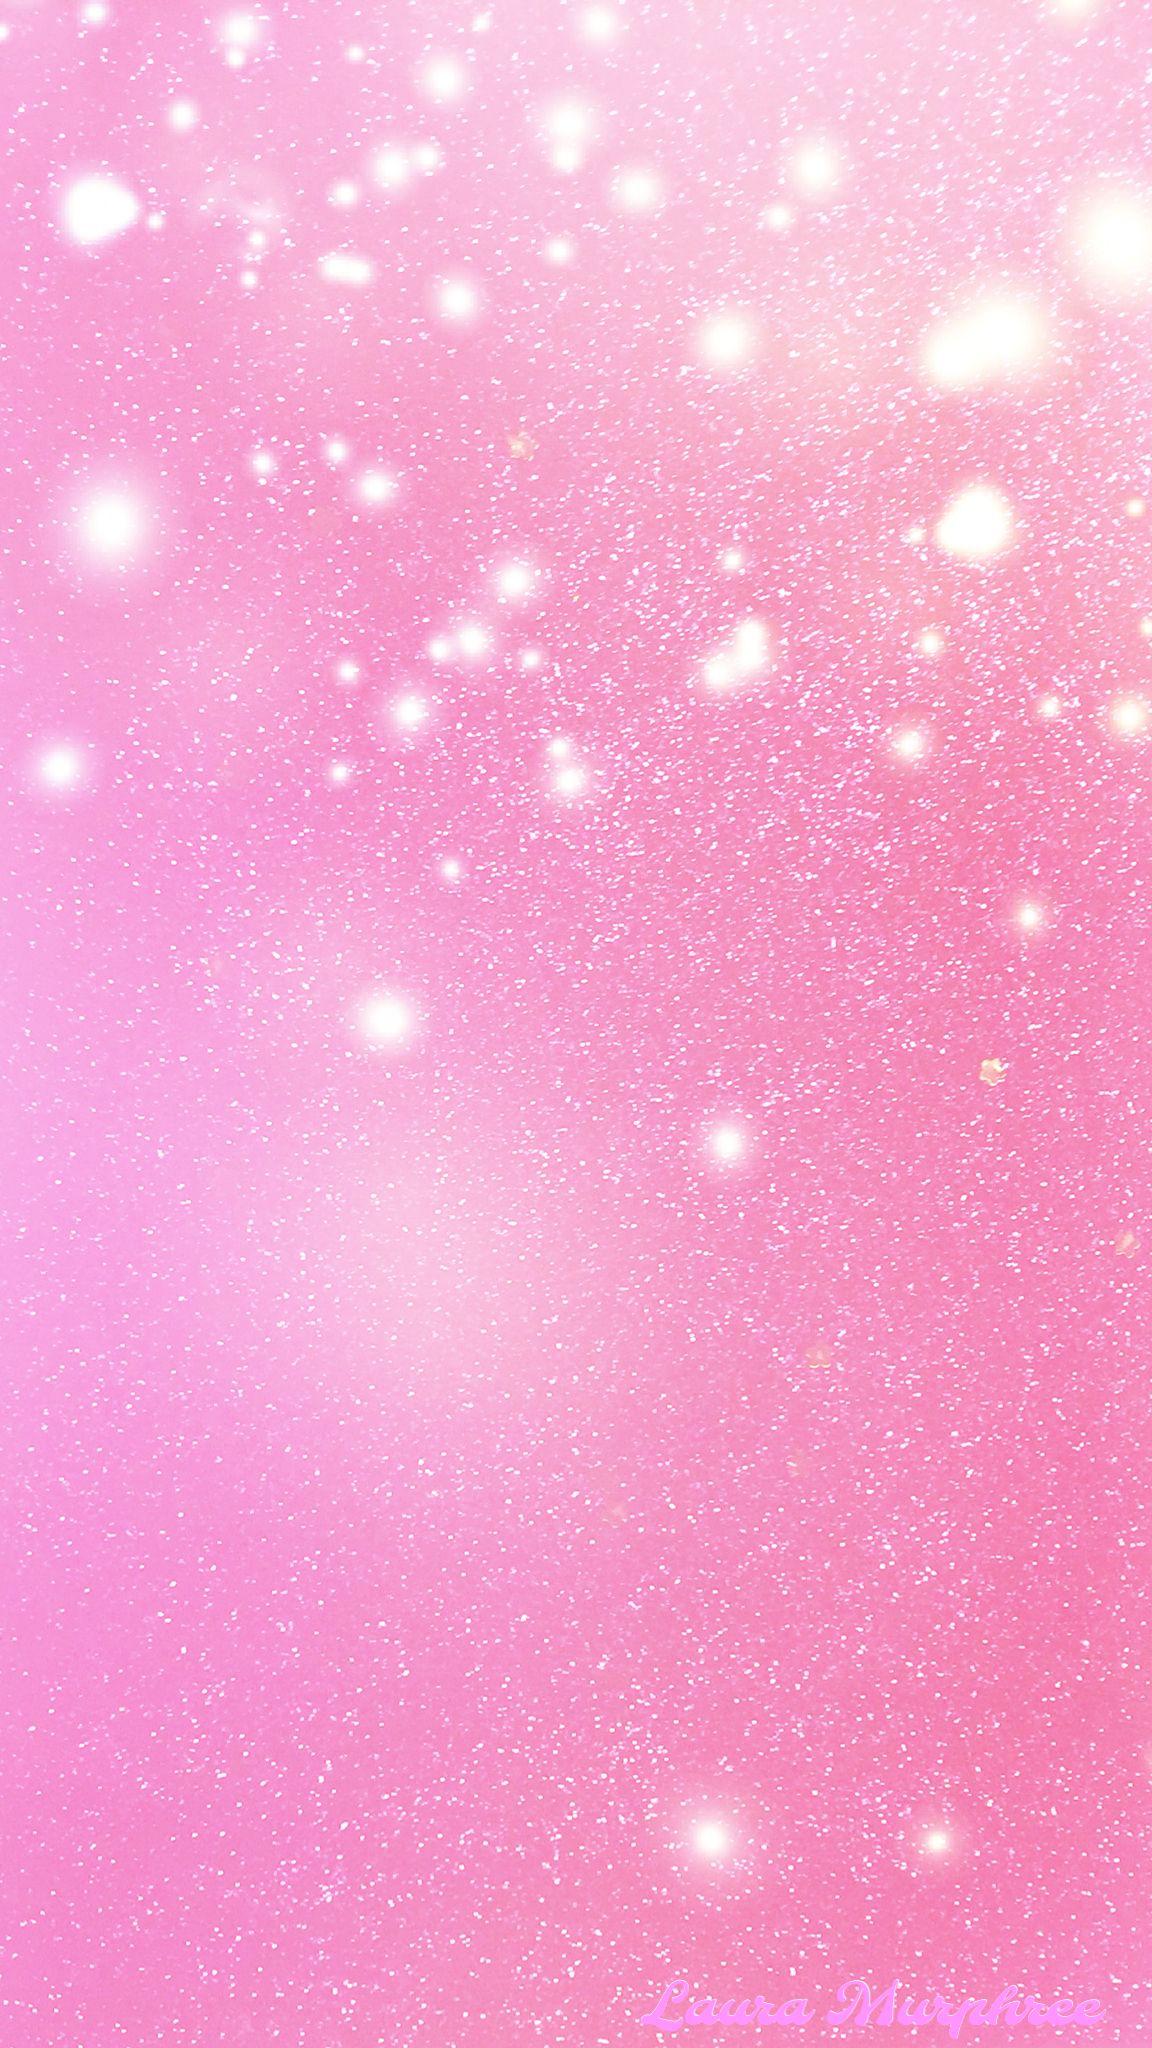 Glitter Phone Wallpaper Pink Sfondi Nel 2019 Sfondi Rosa Sfondi